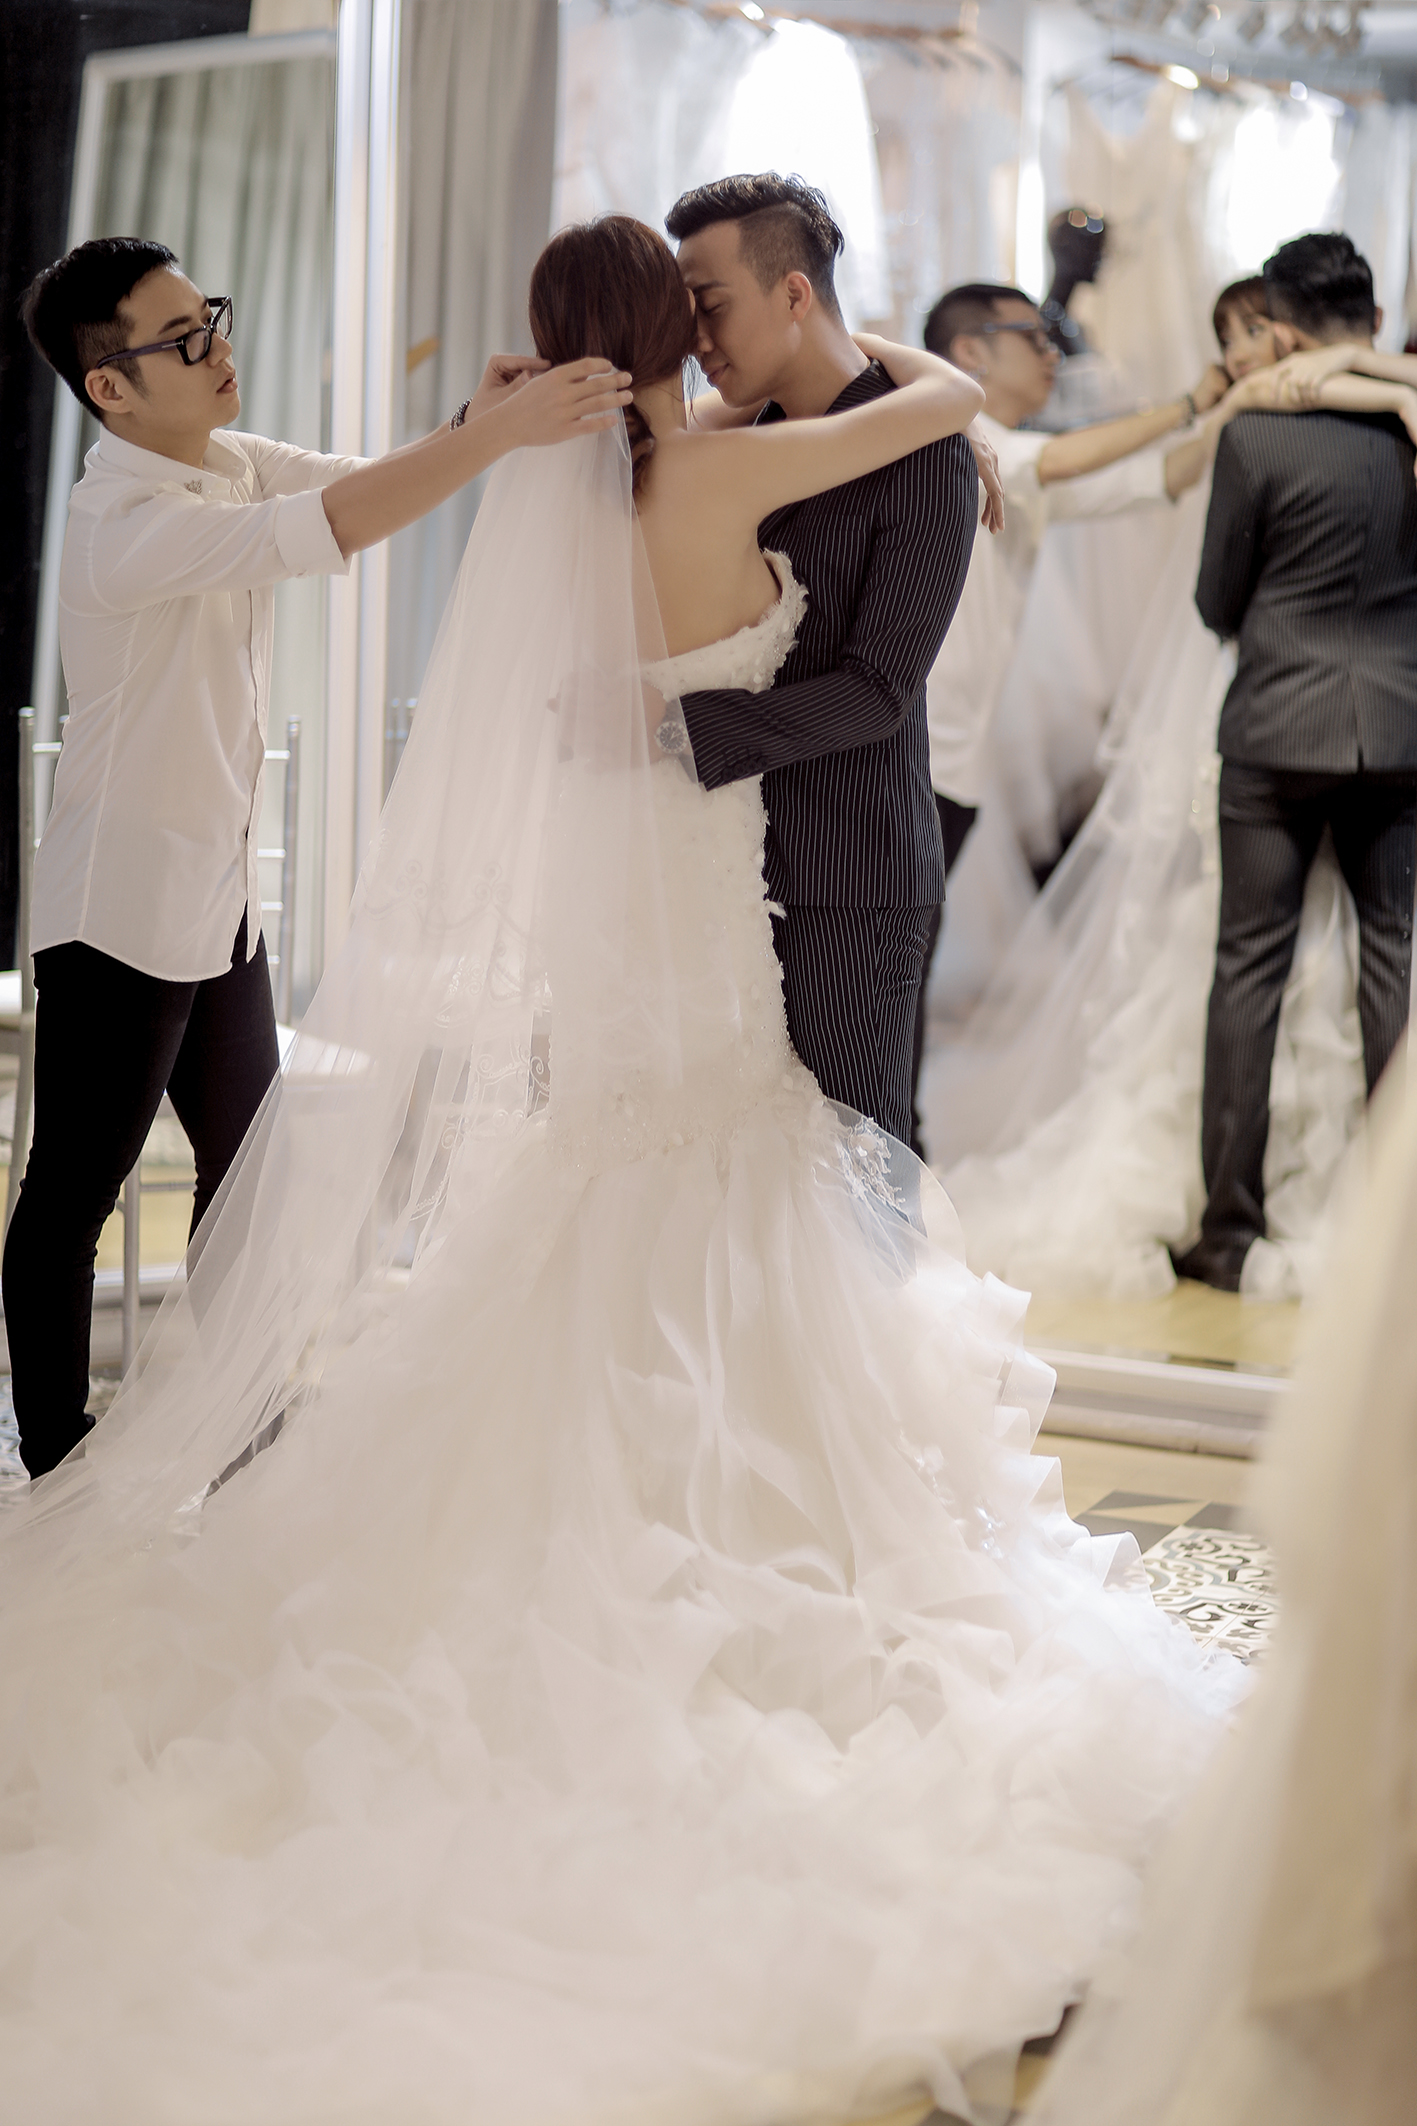 Trấn Thành đặt riêng hai mẫu váy cưới đặc biệt dành tặng Hari Won